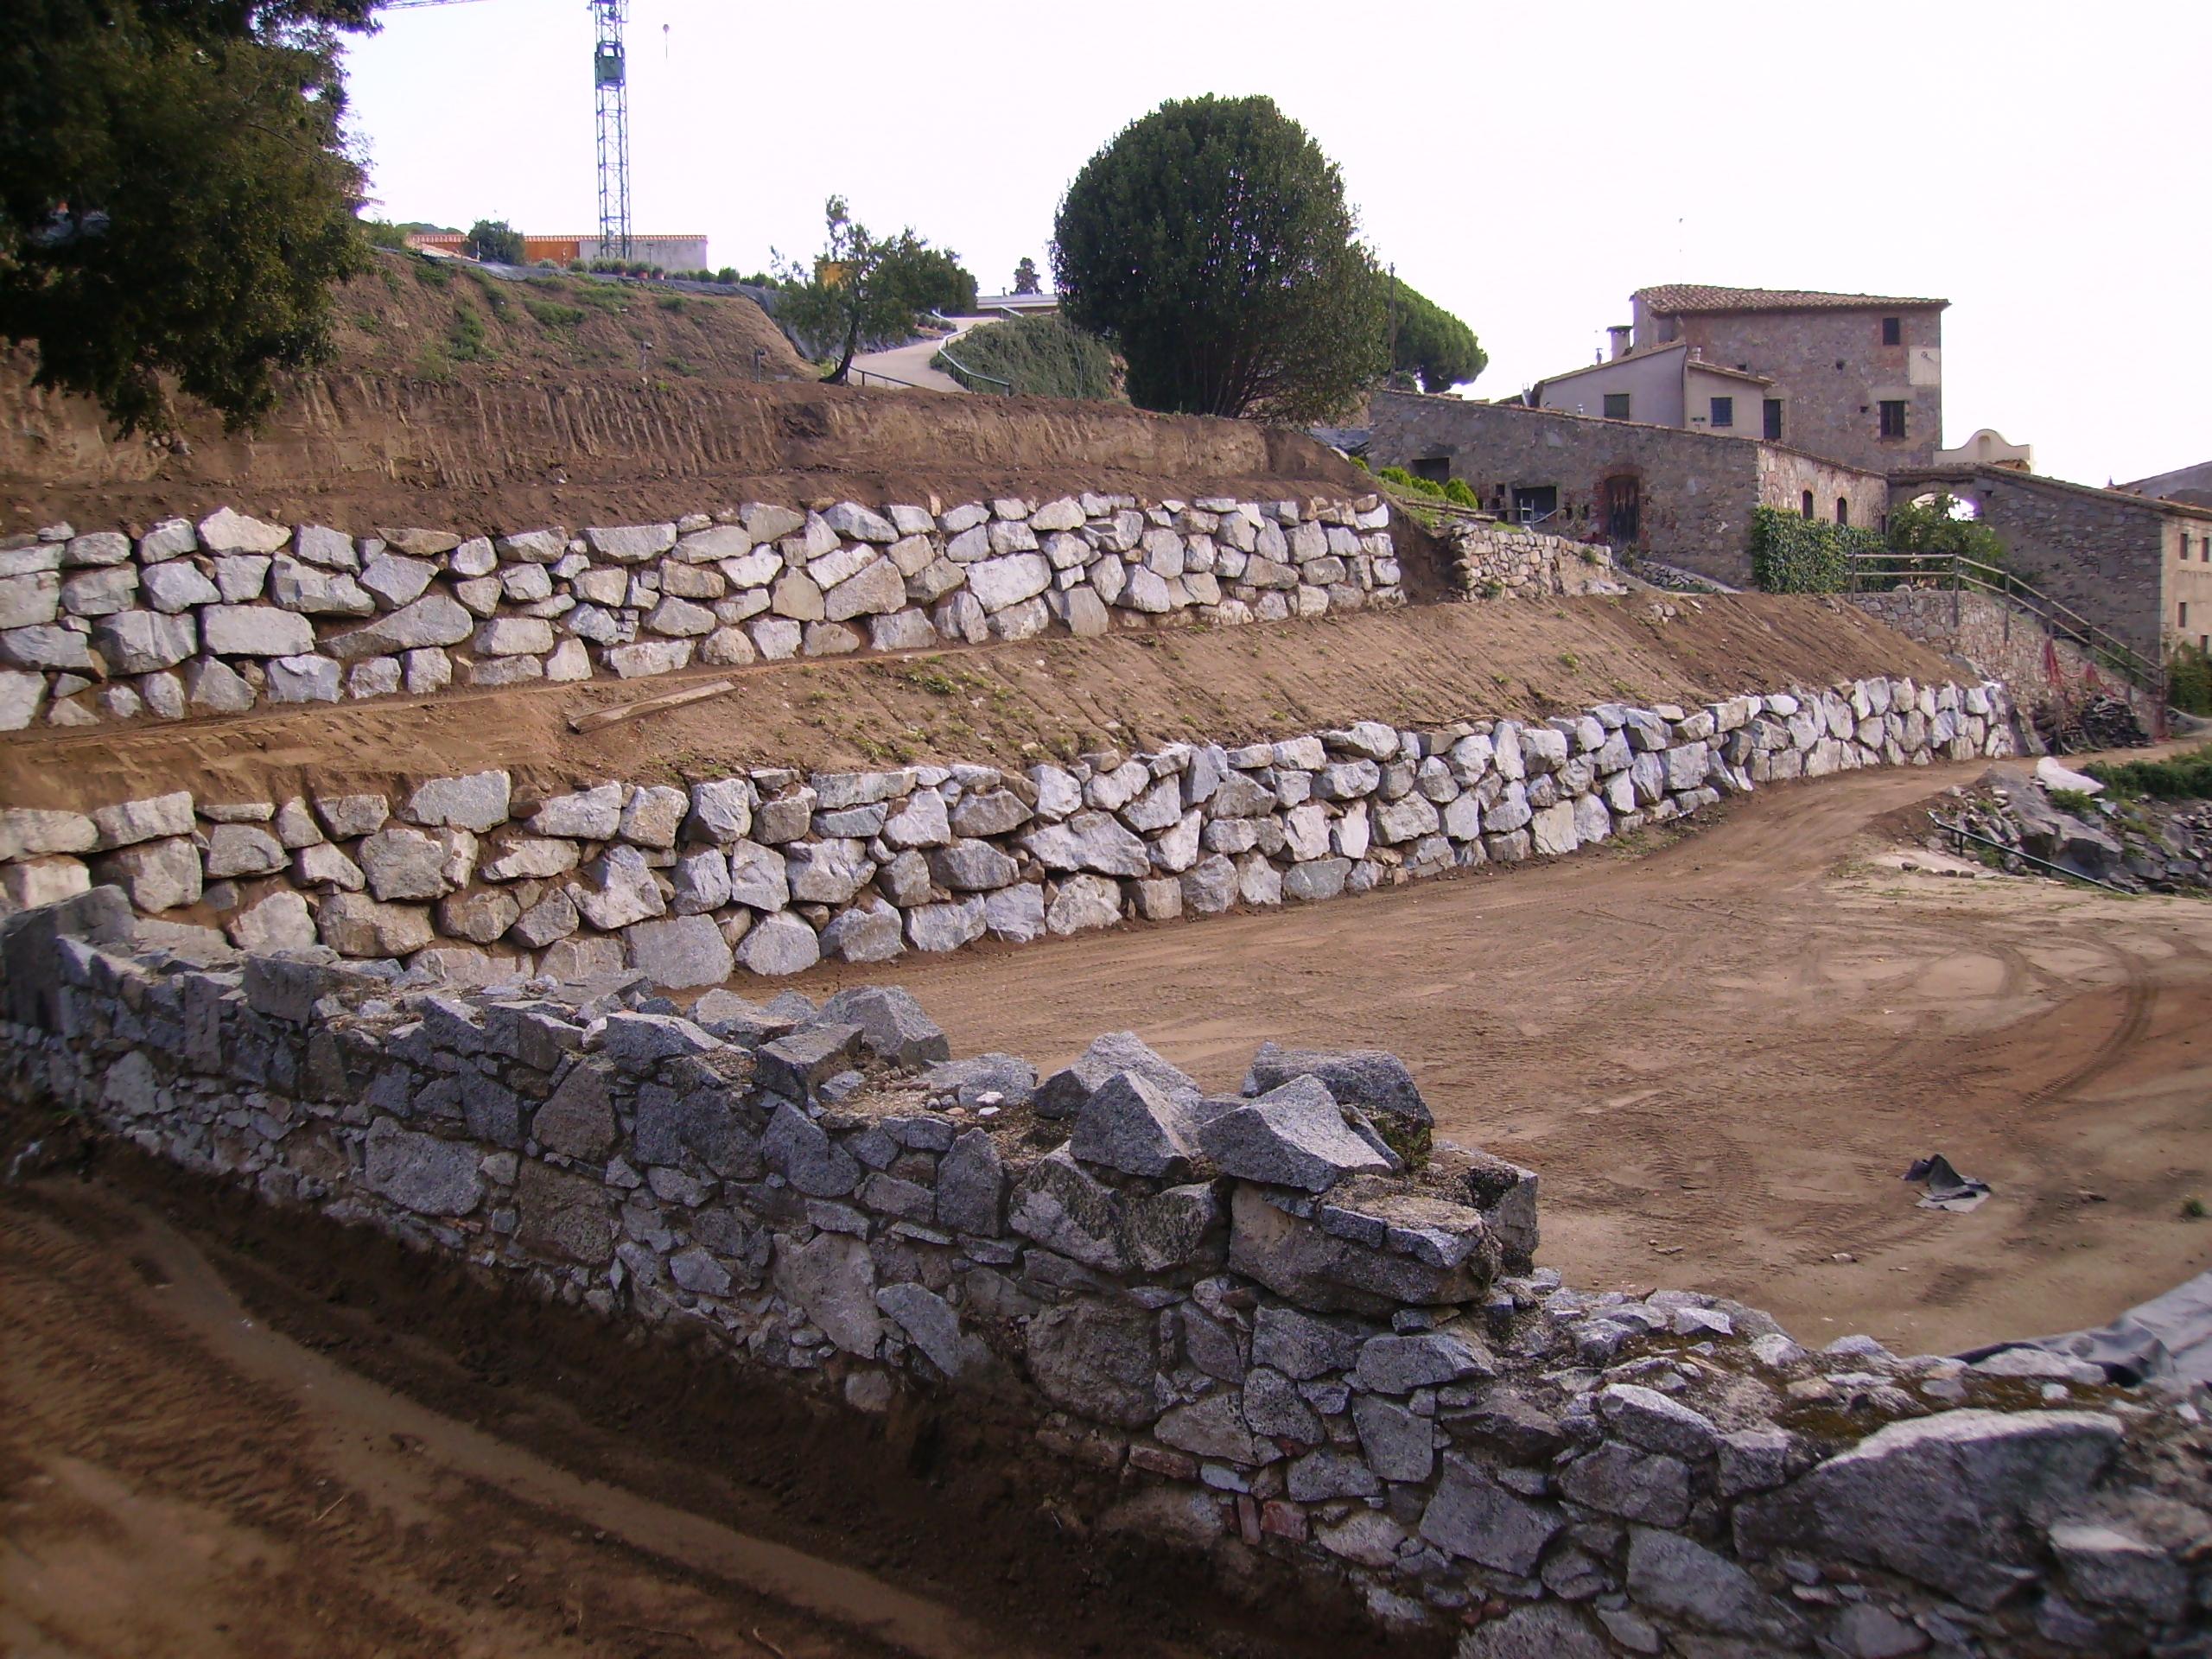 Muros de piedra o rocalla excavacions2rius - Muros de rocalla ...